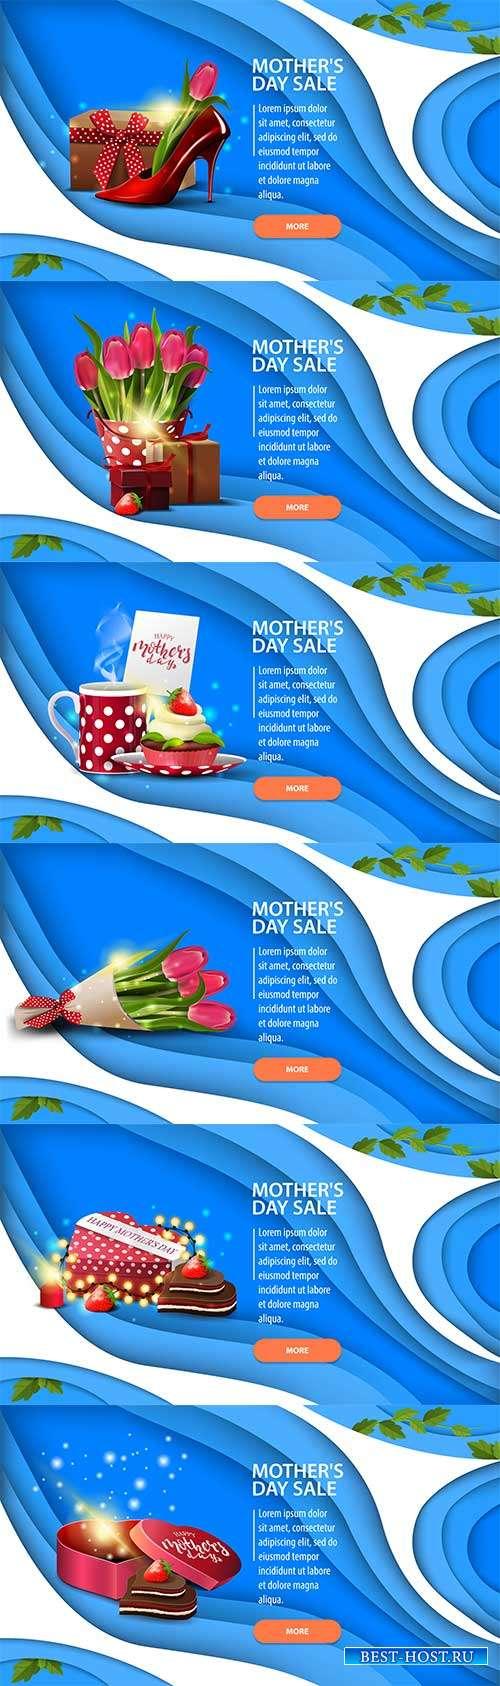 Баннеры в векторе - День матери